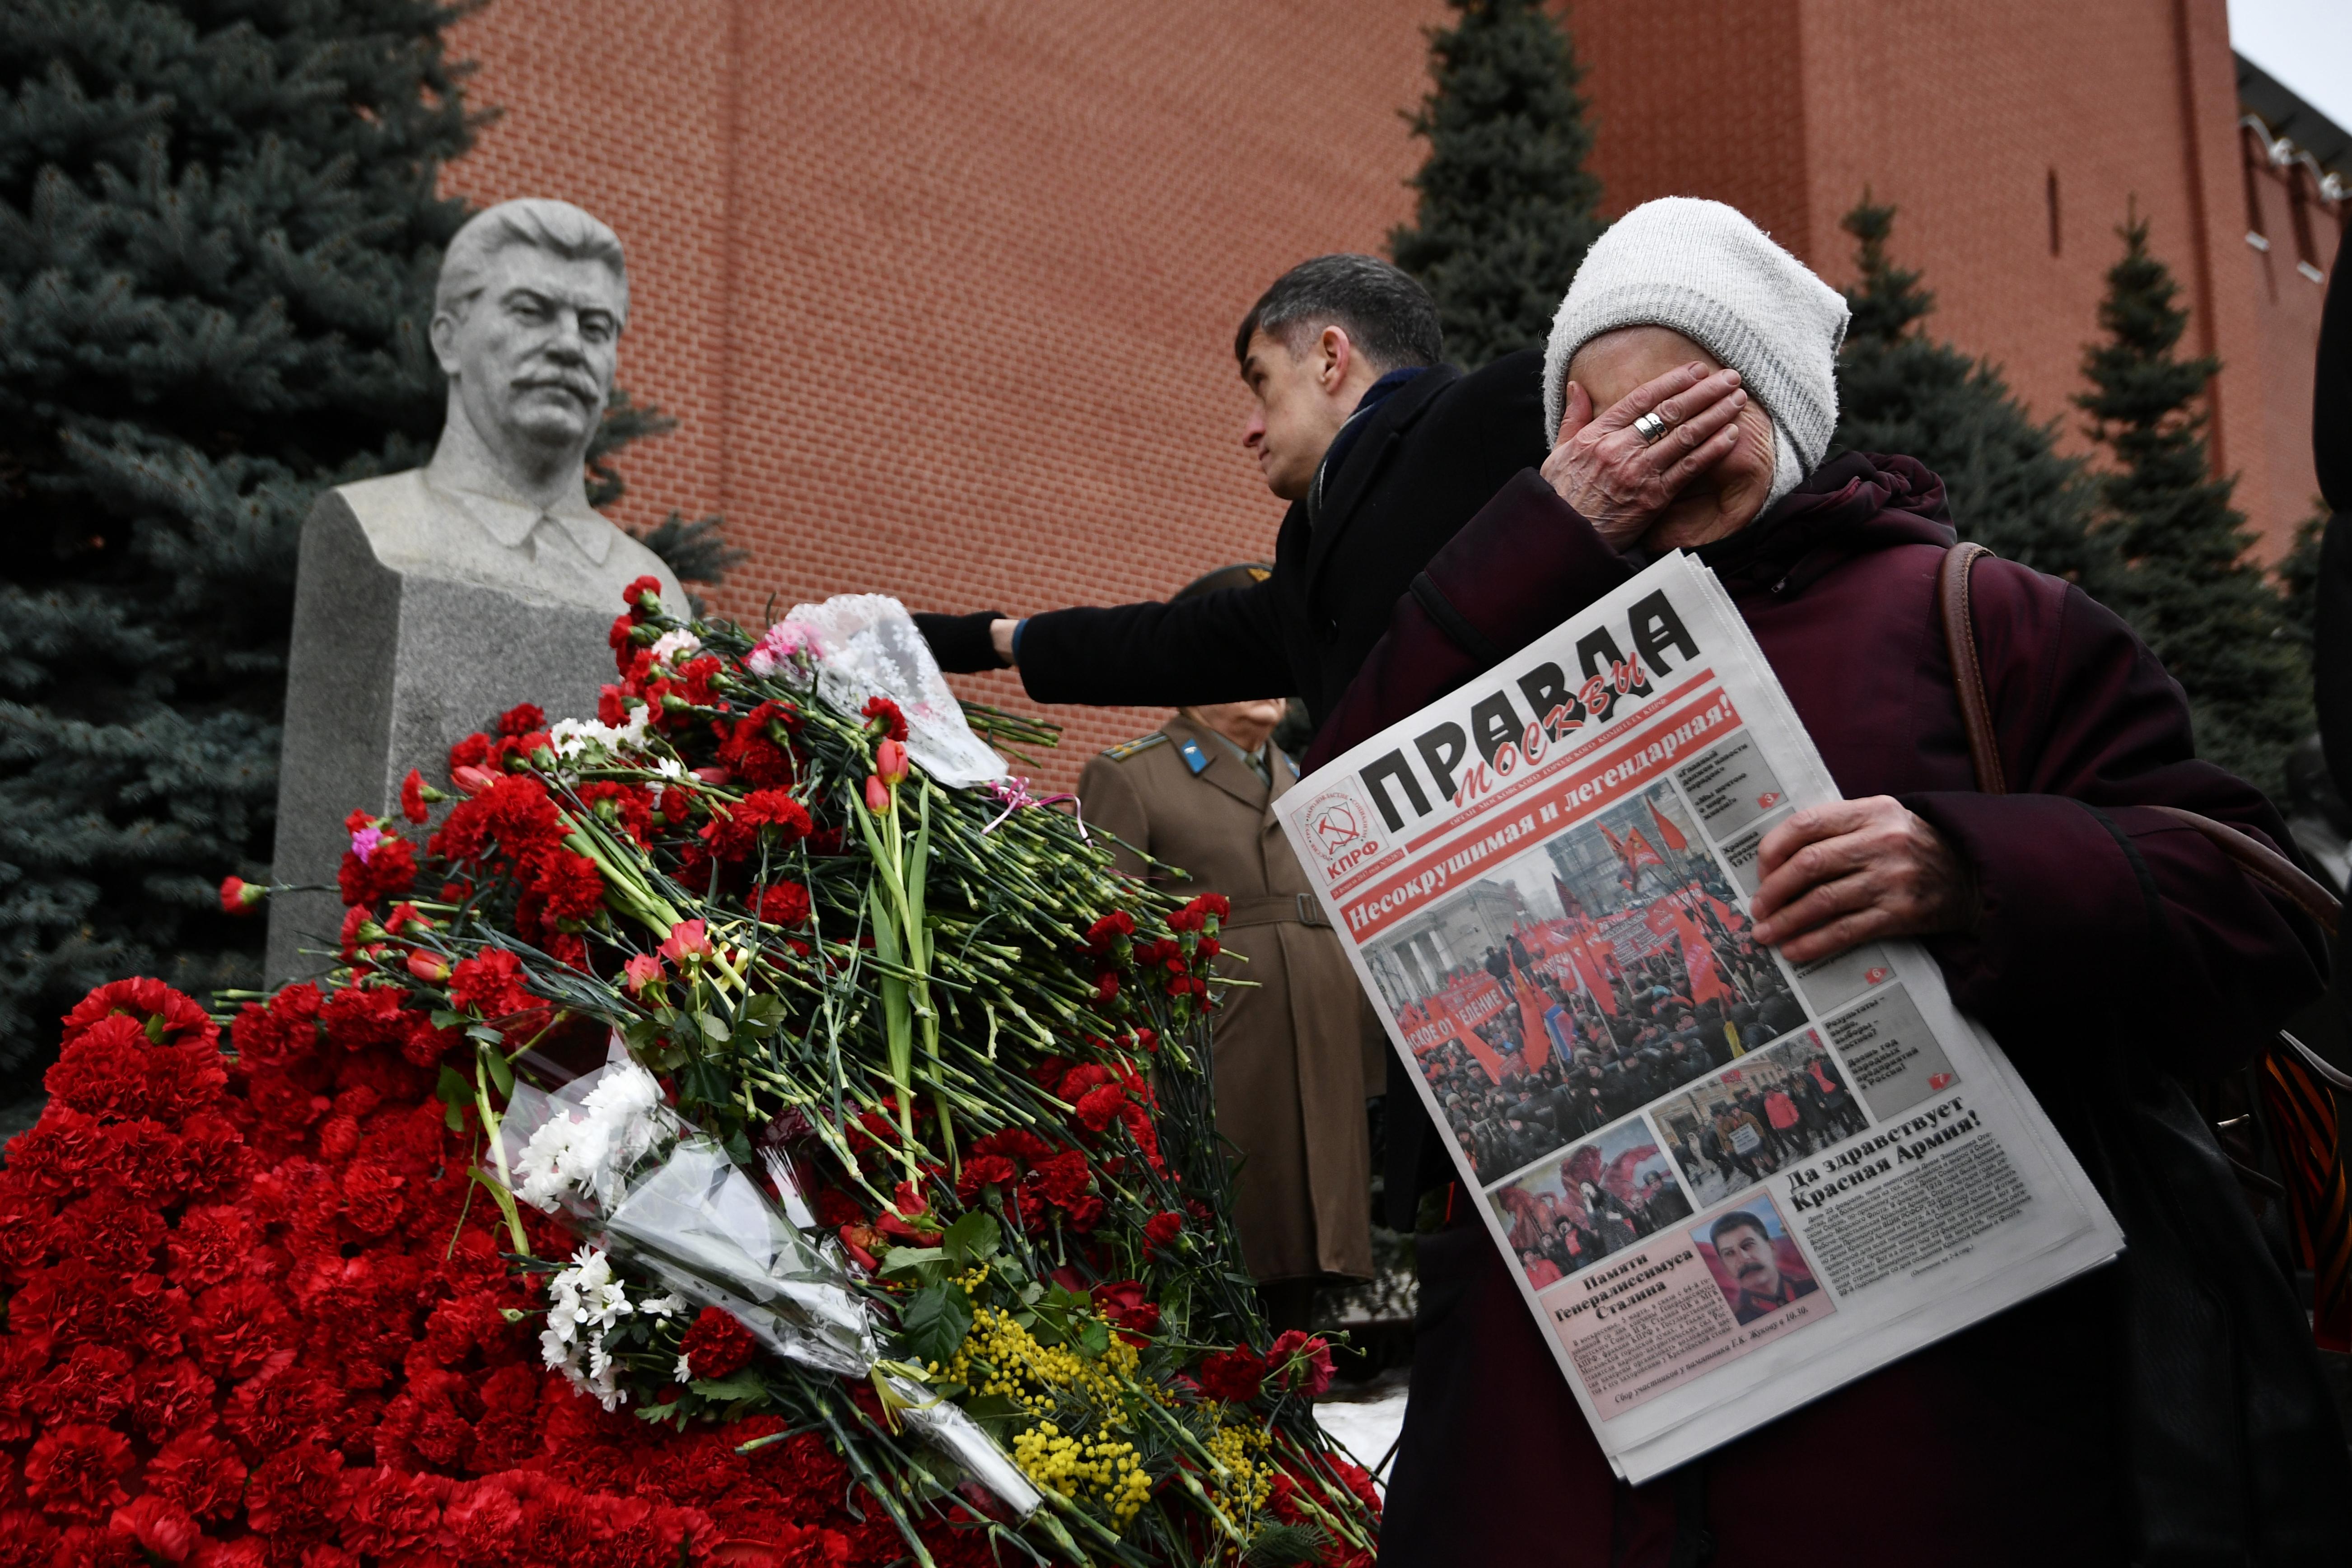 Virágokkal borították el Sztálin síremlékét Moszkvában a diktátor halálának évfordulóján